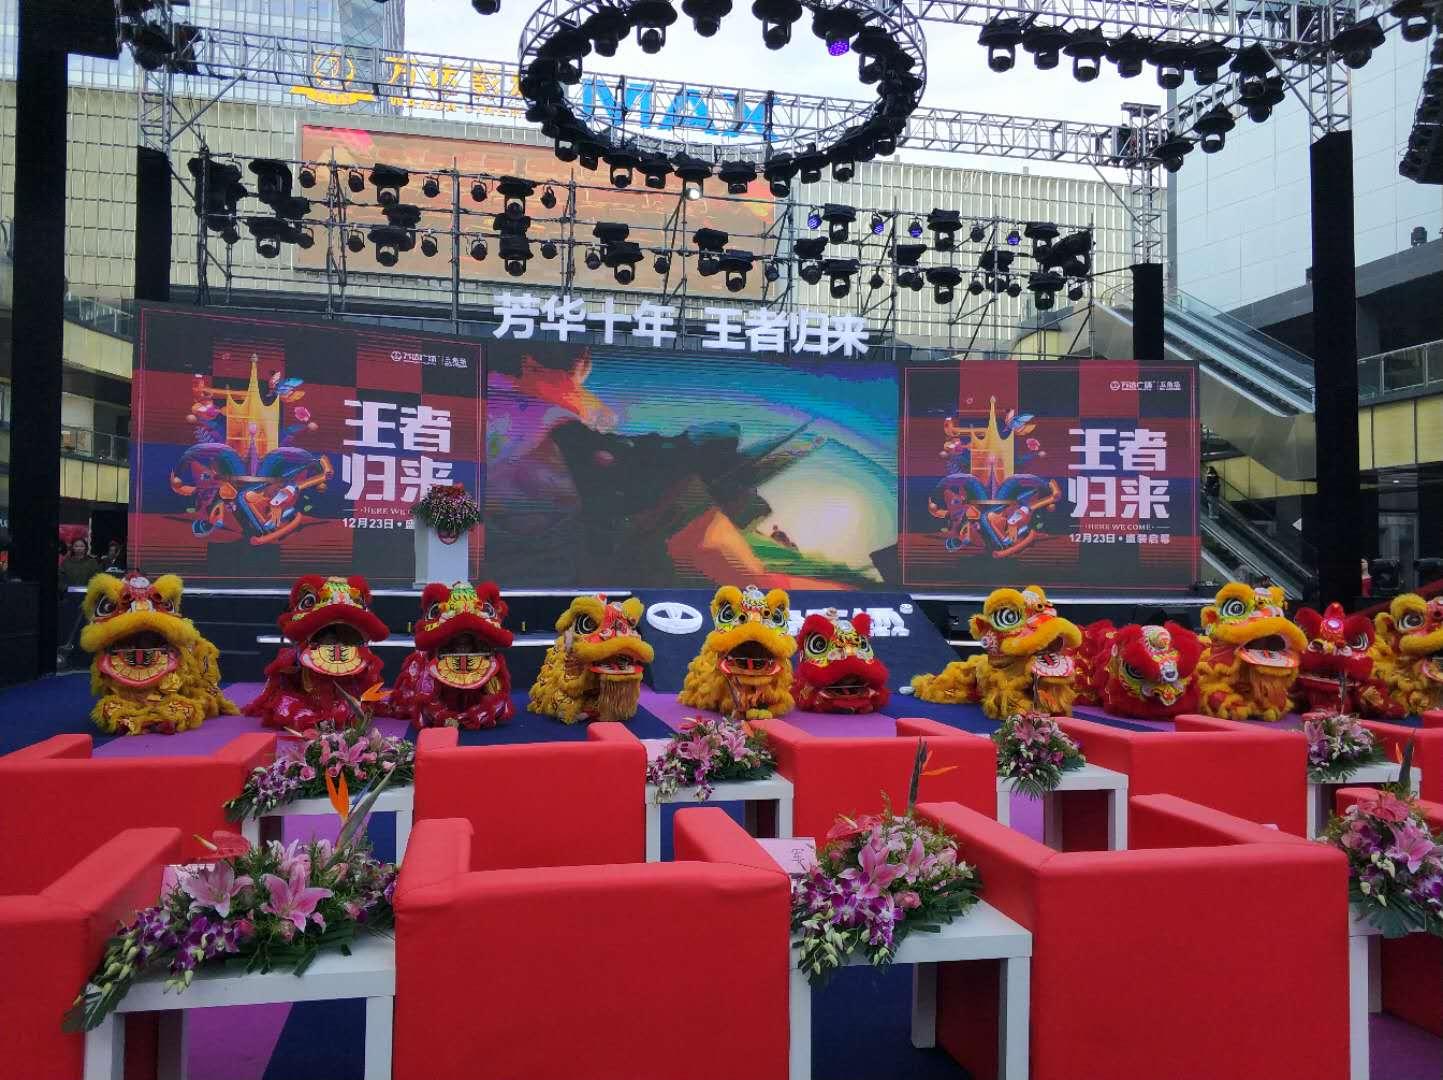 荣耀新生 盛装启幕 12月23日上海五角场万达王者归来